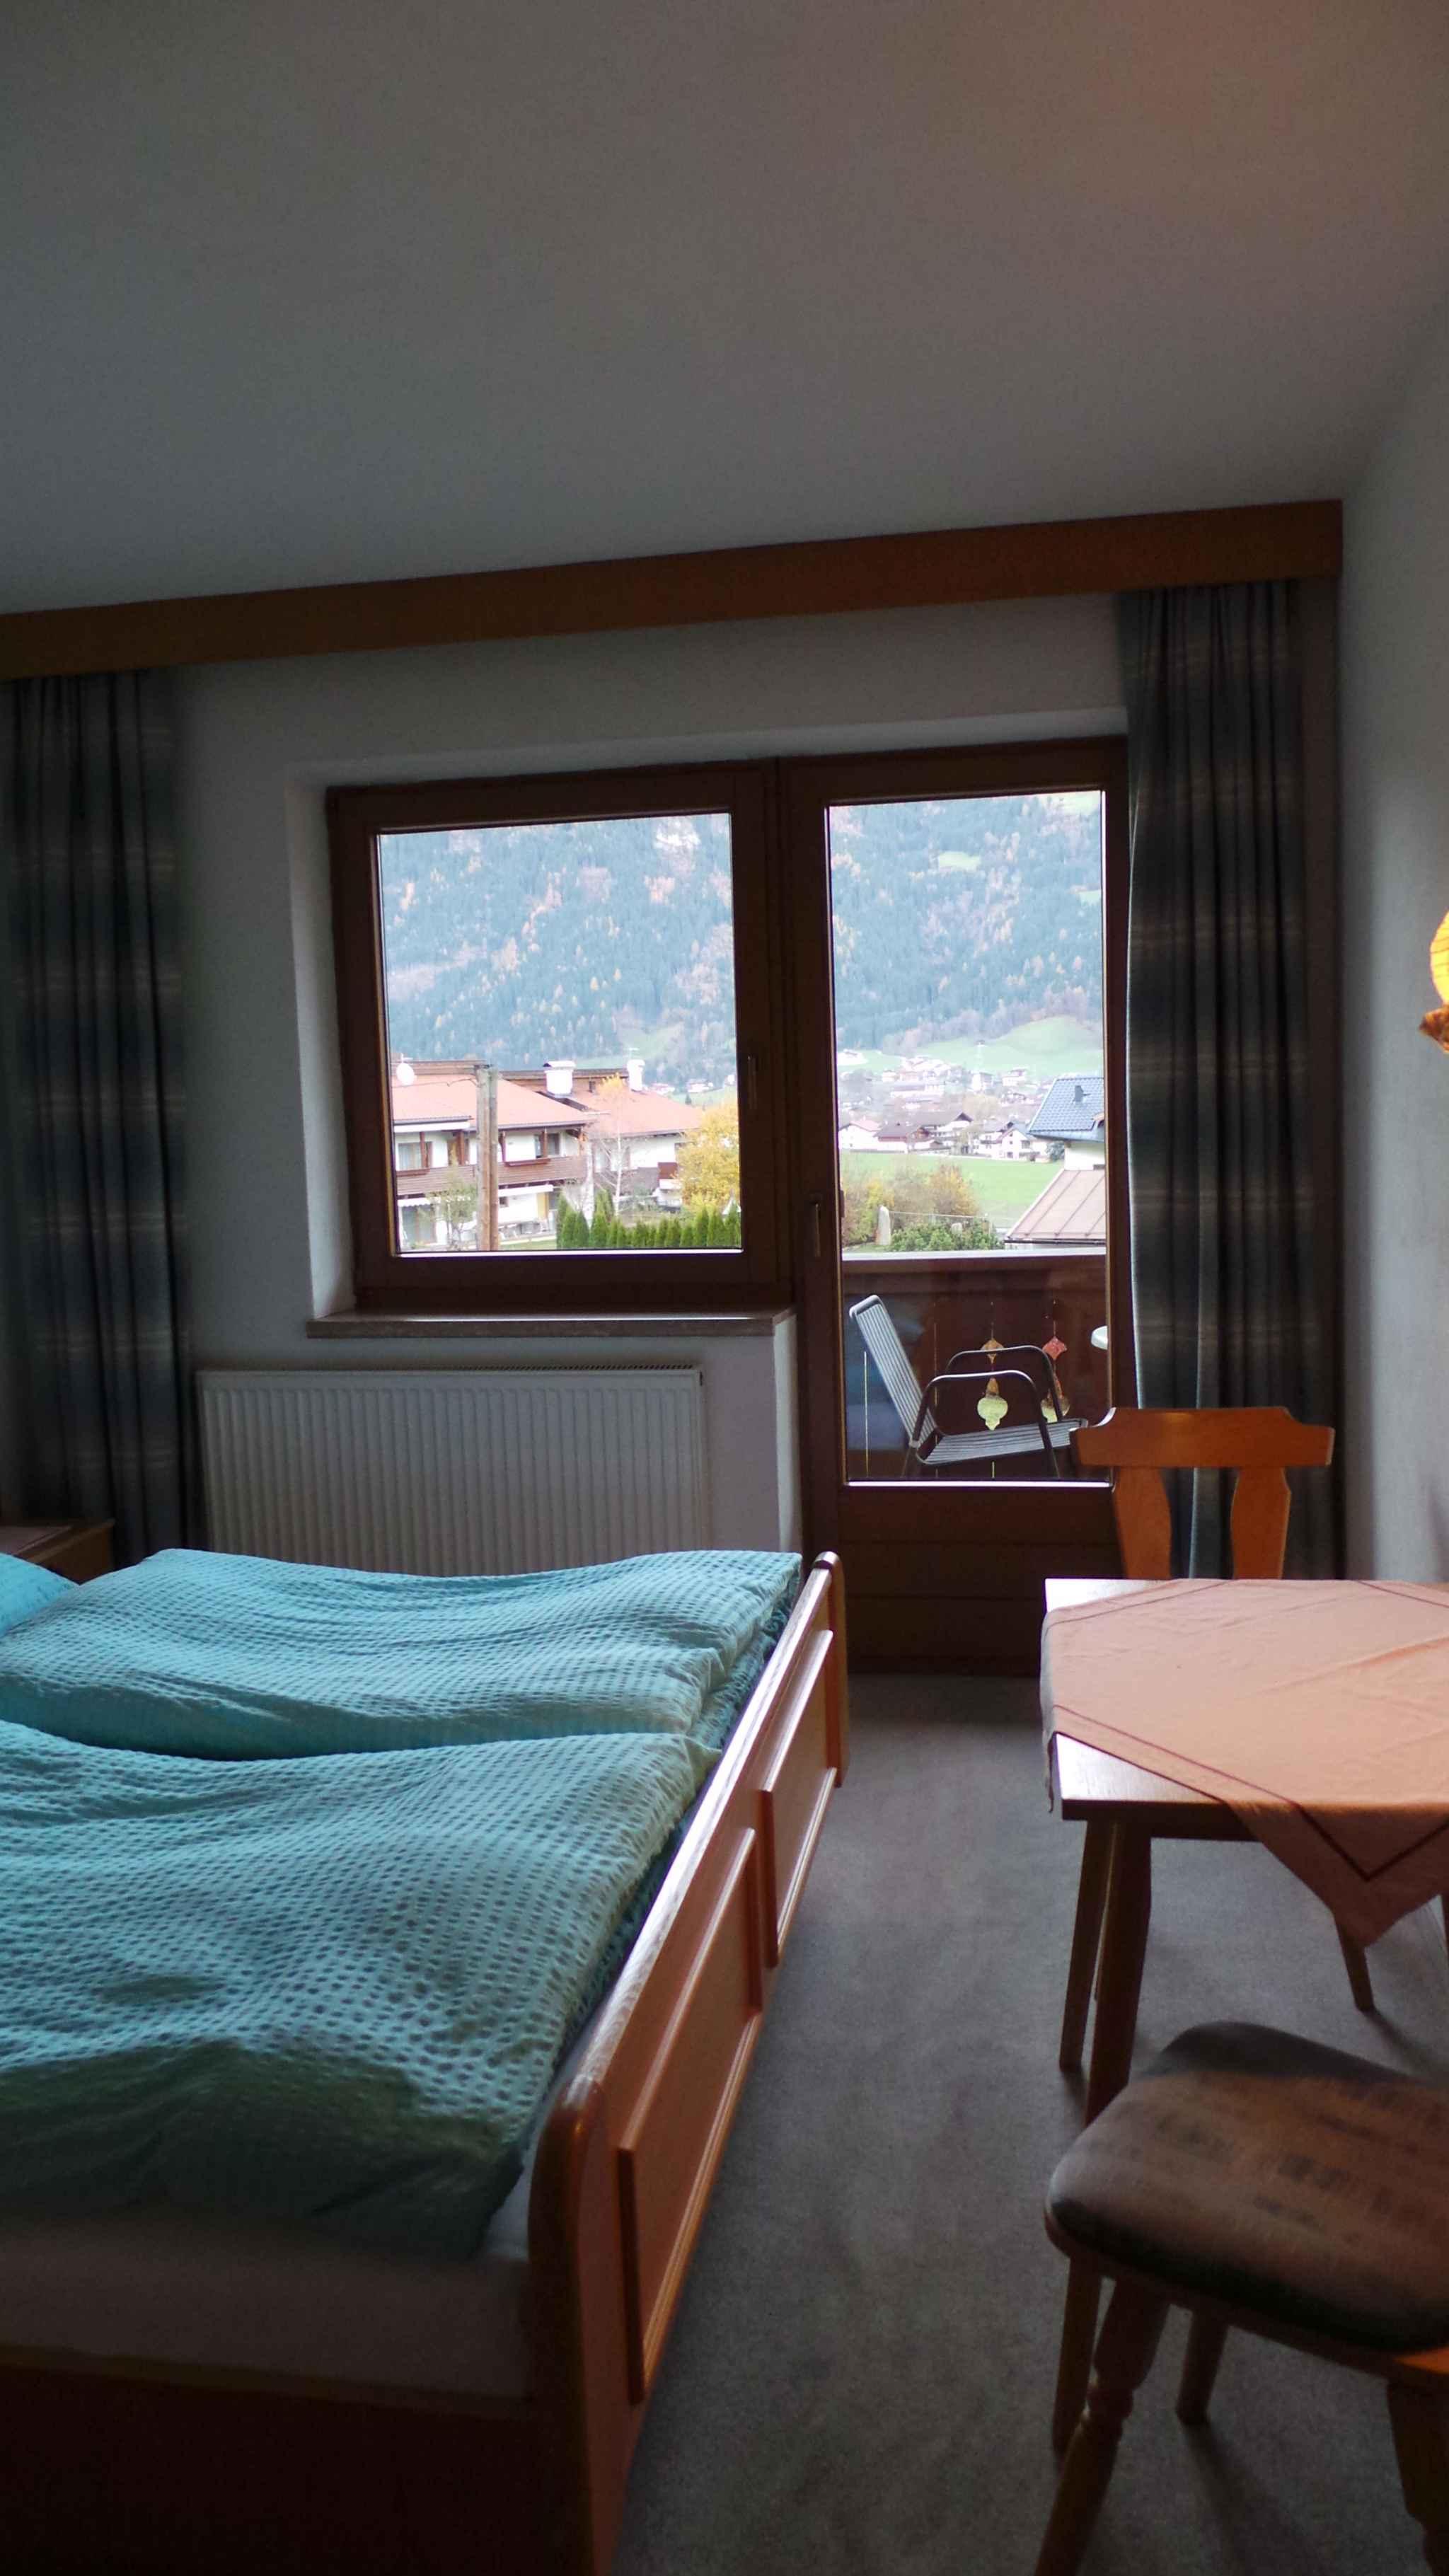 Ferienwohnung mit Balkon in Zentrumsnähe (283767), Kaltenbach, Zillertal, Tirol, Österreich, Bild 12